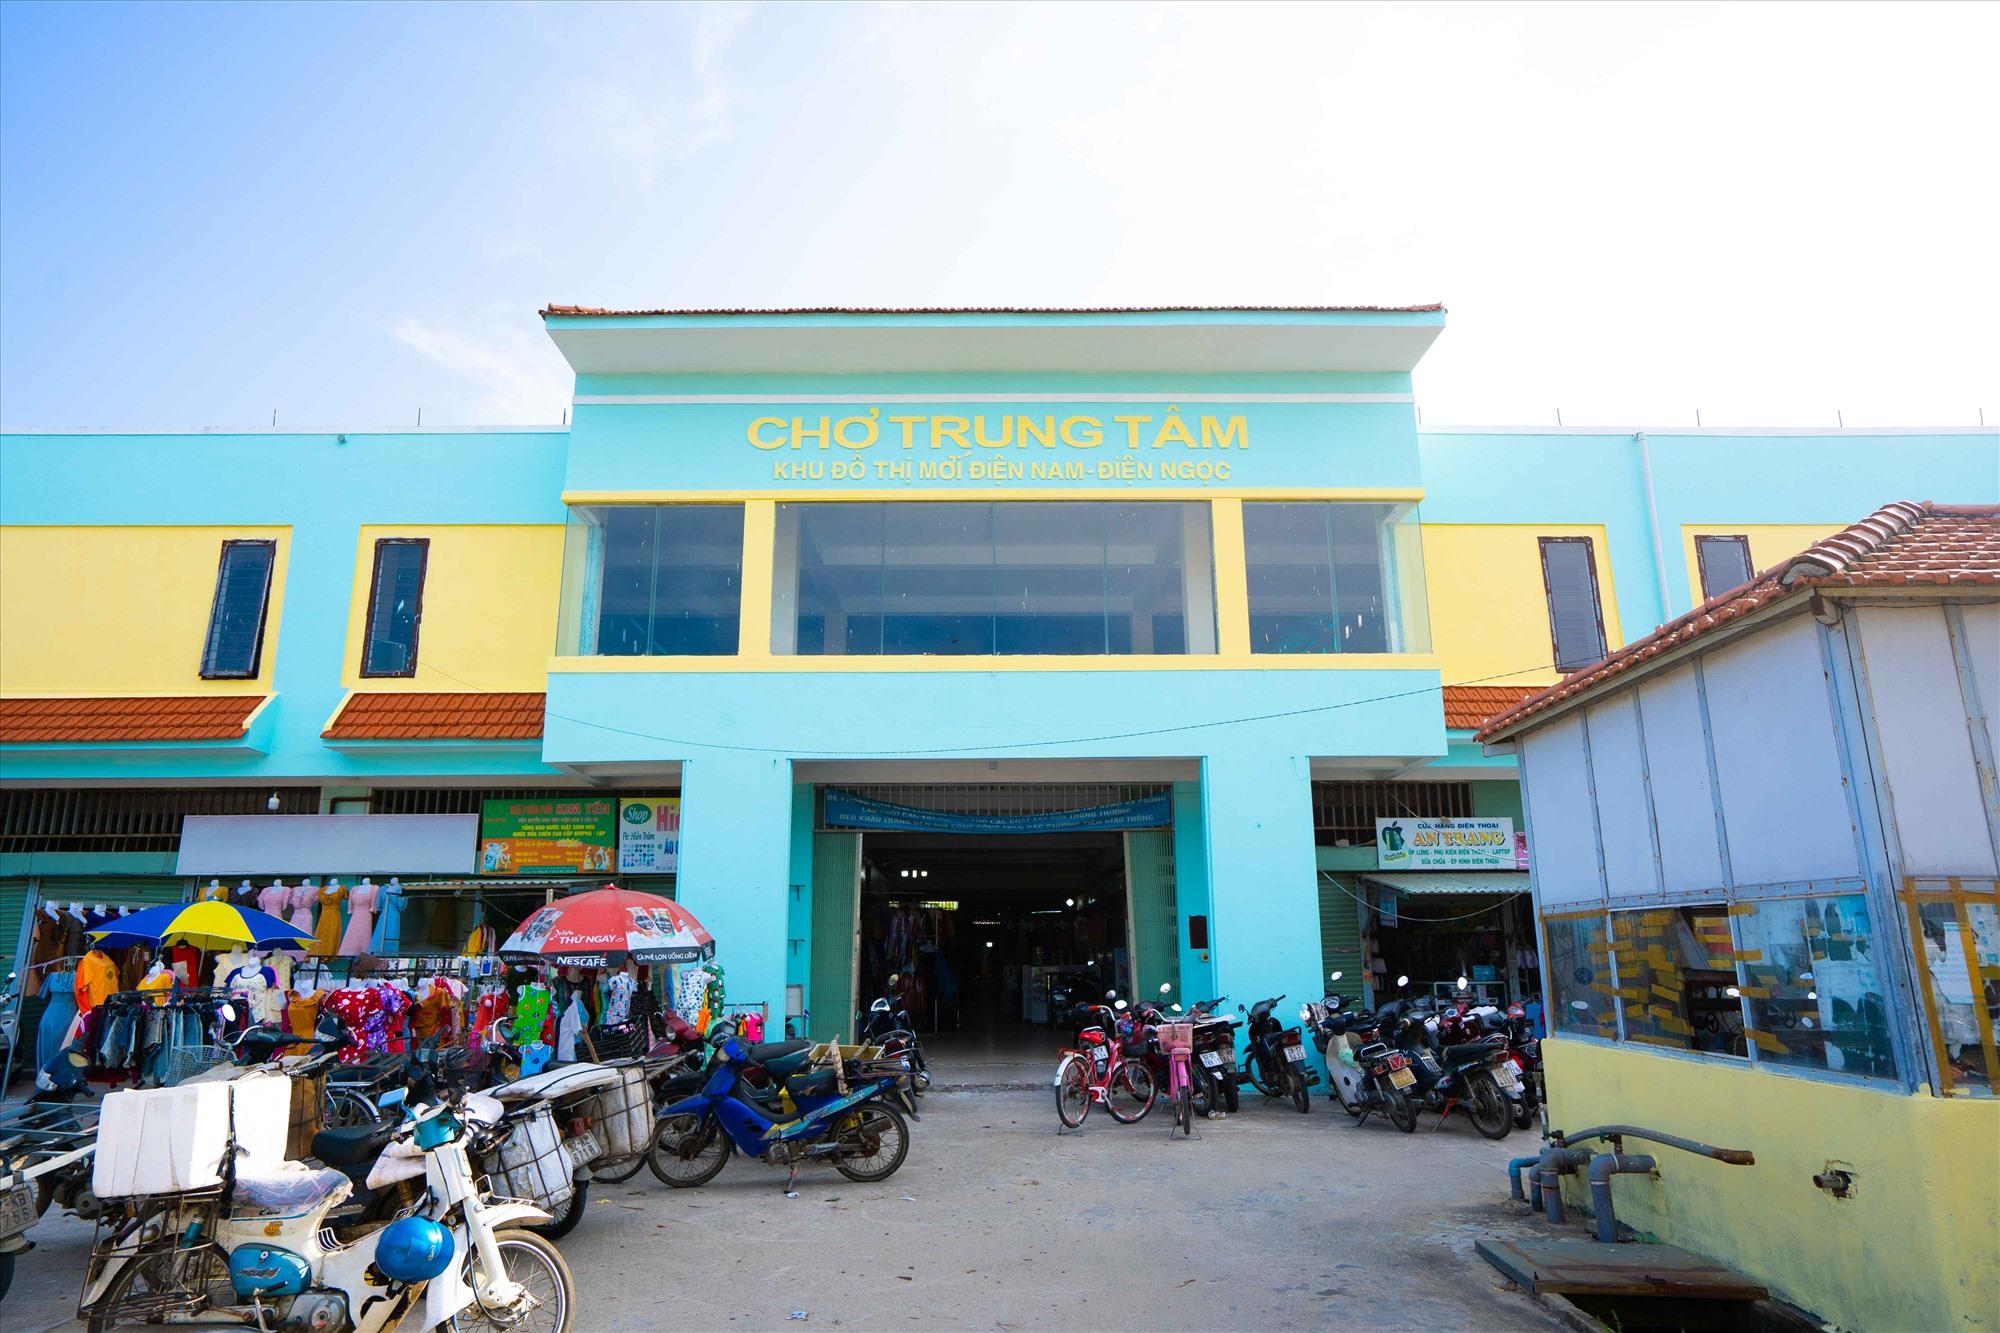 Chợ trung tâm đã hoạt động lâu năm, là tâm điểm kinh doanh thương mại dịch vụ.